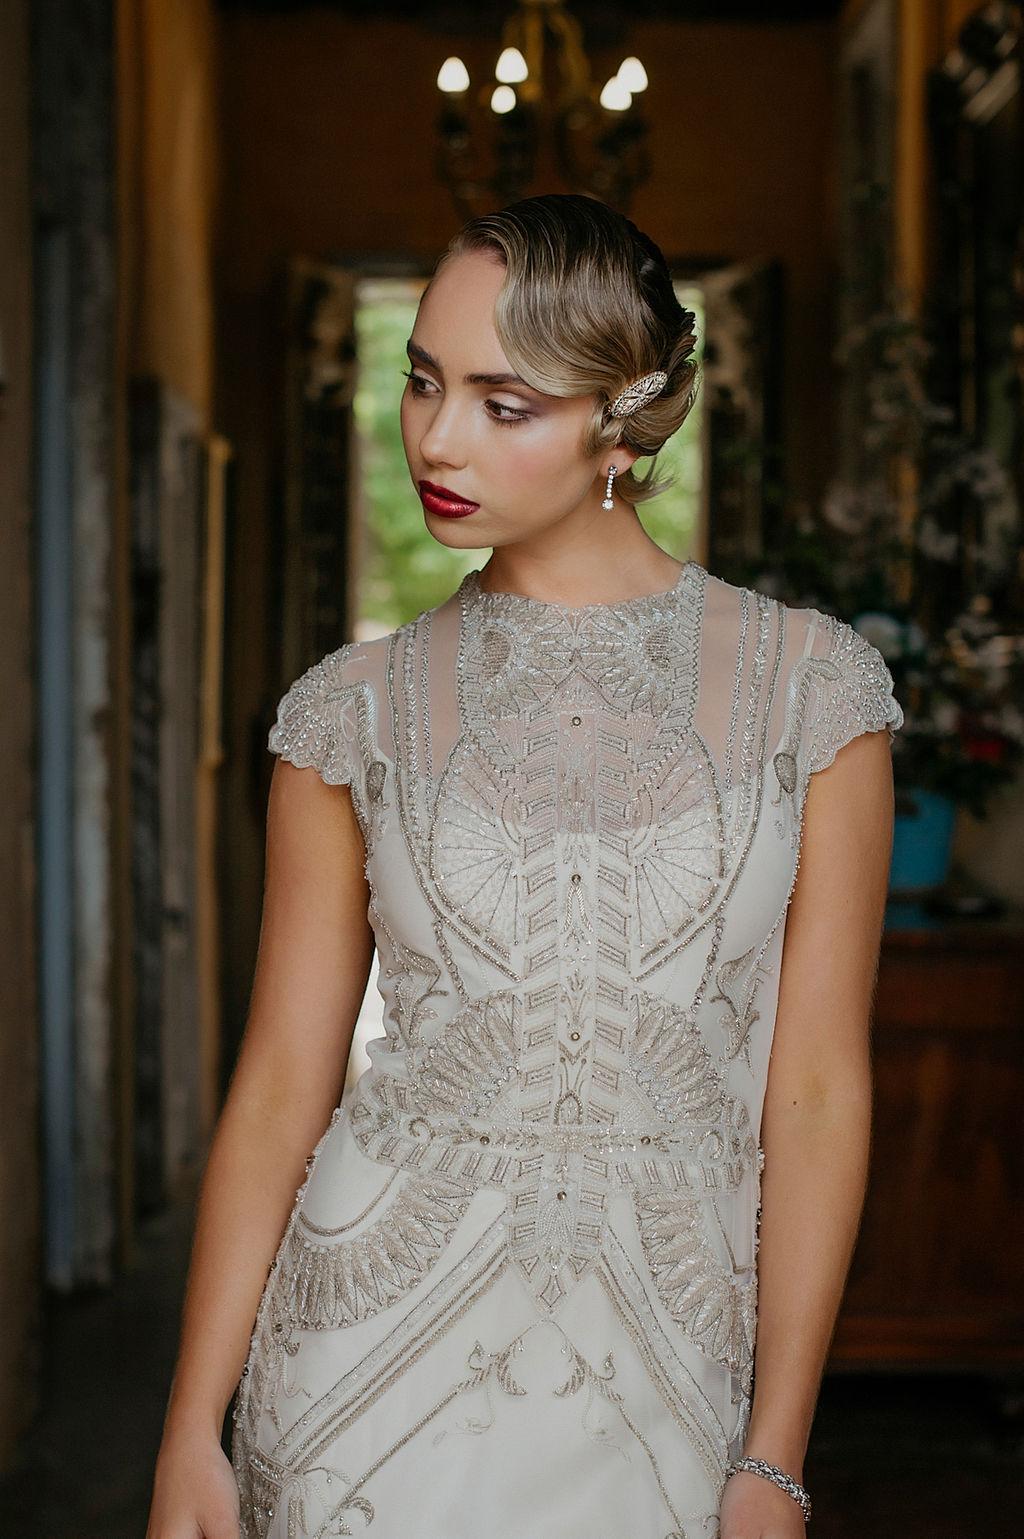 Polly Front Gwendolynne Wedding Dress  JessicaAbbyartdecoWEB-8410.jpg